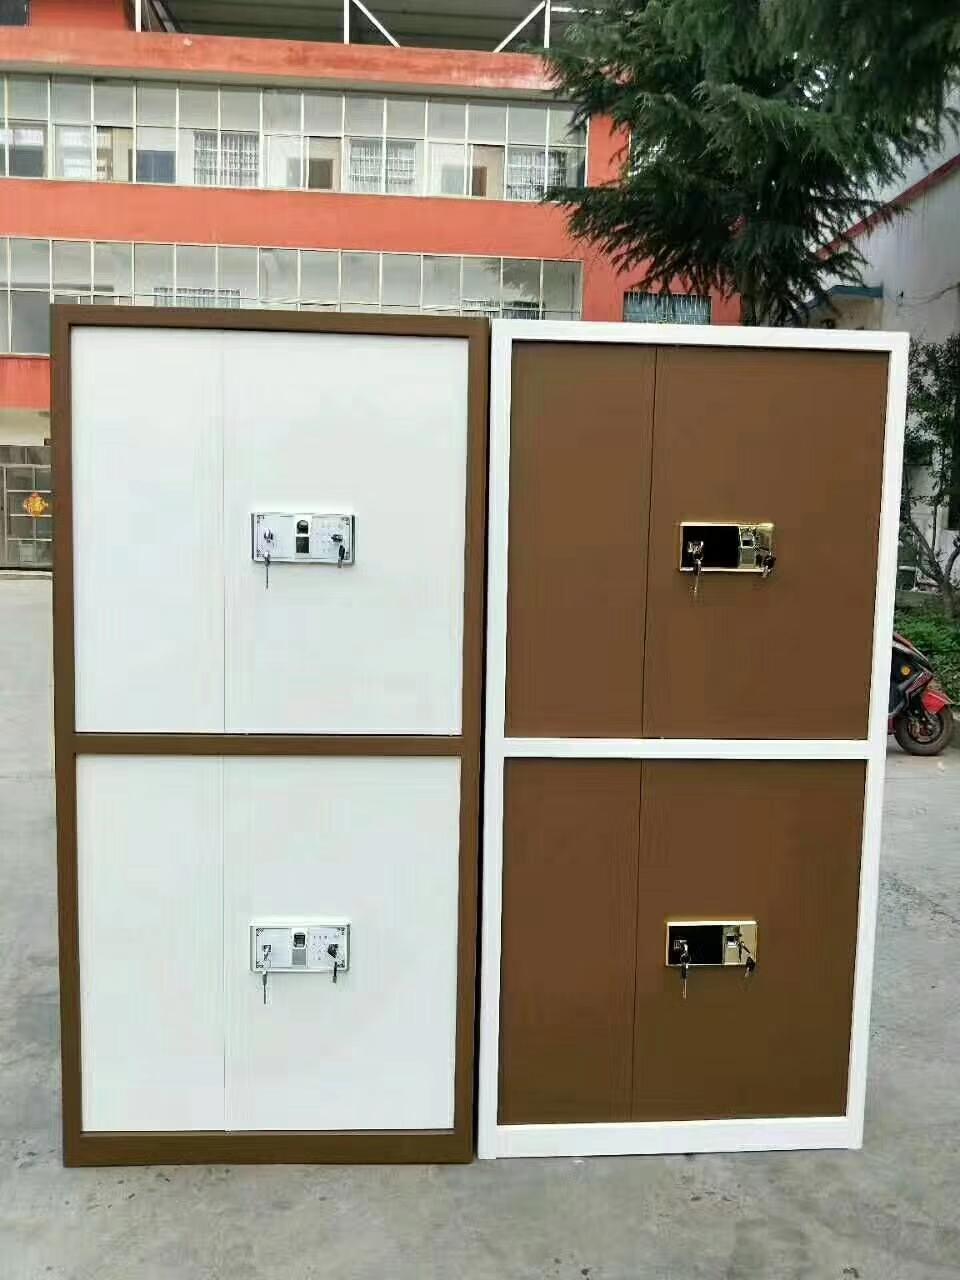 重庆保密柜 电子保密柜生产厂家 重庆保密柜 电子保密柜 生产厂家